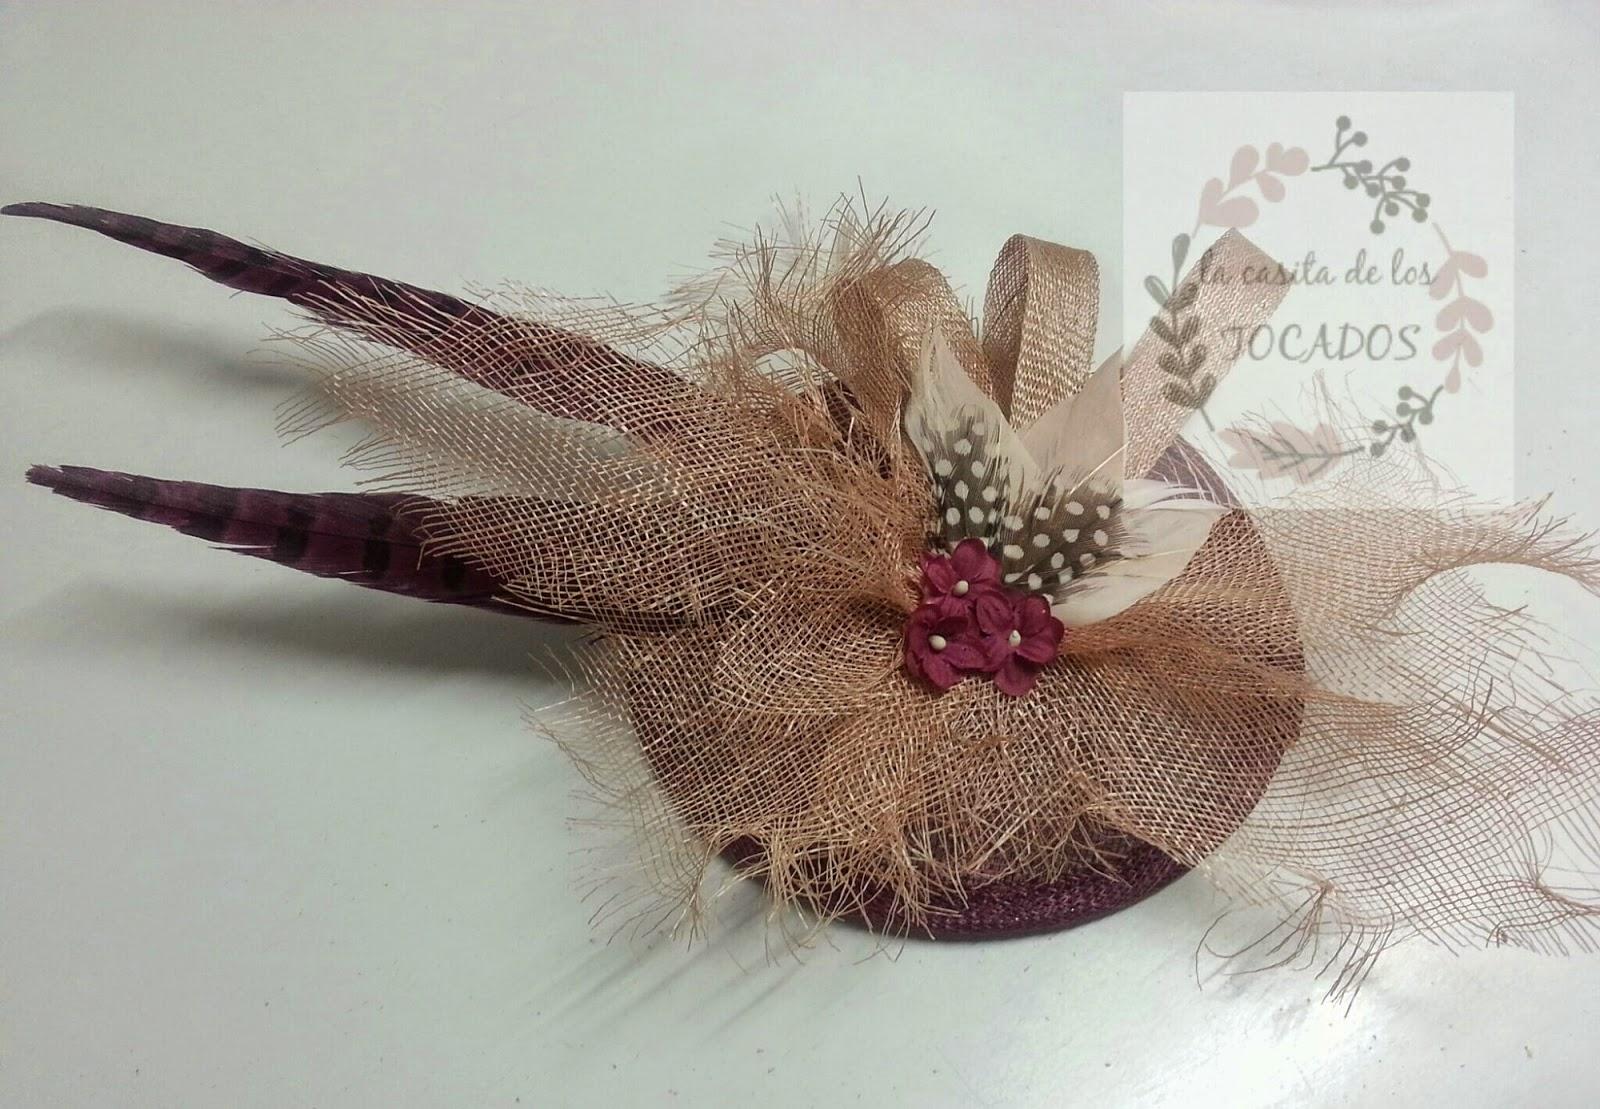 tocado con base redonda de sinamay, plumas variadas y sinamay deshilachado en colores vino y nude